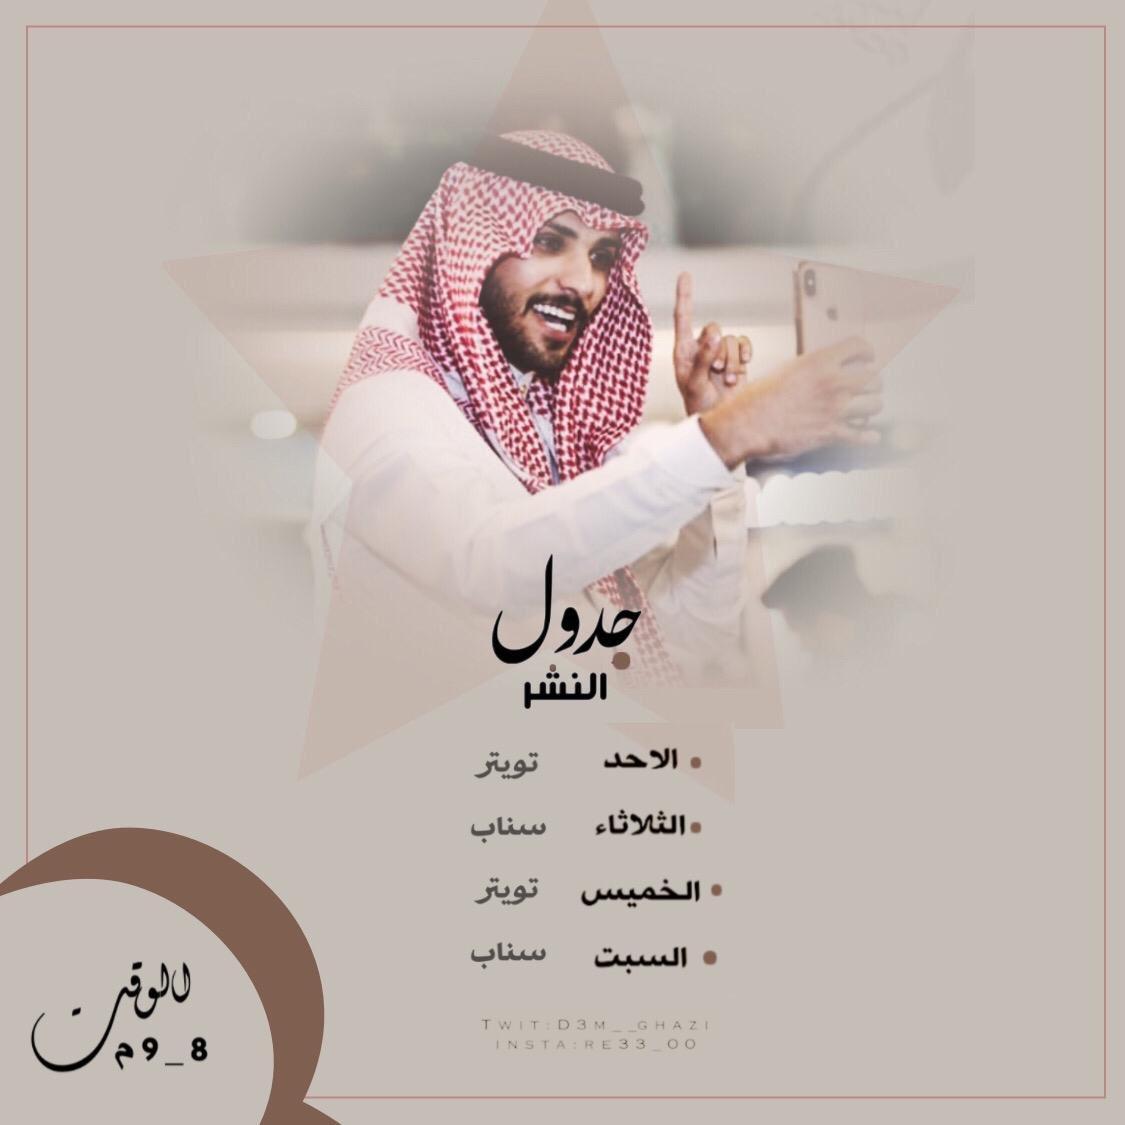 دعم غازي المطيري D3m Ghazi Twitter